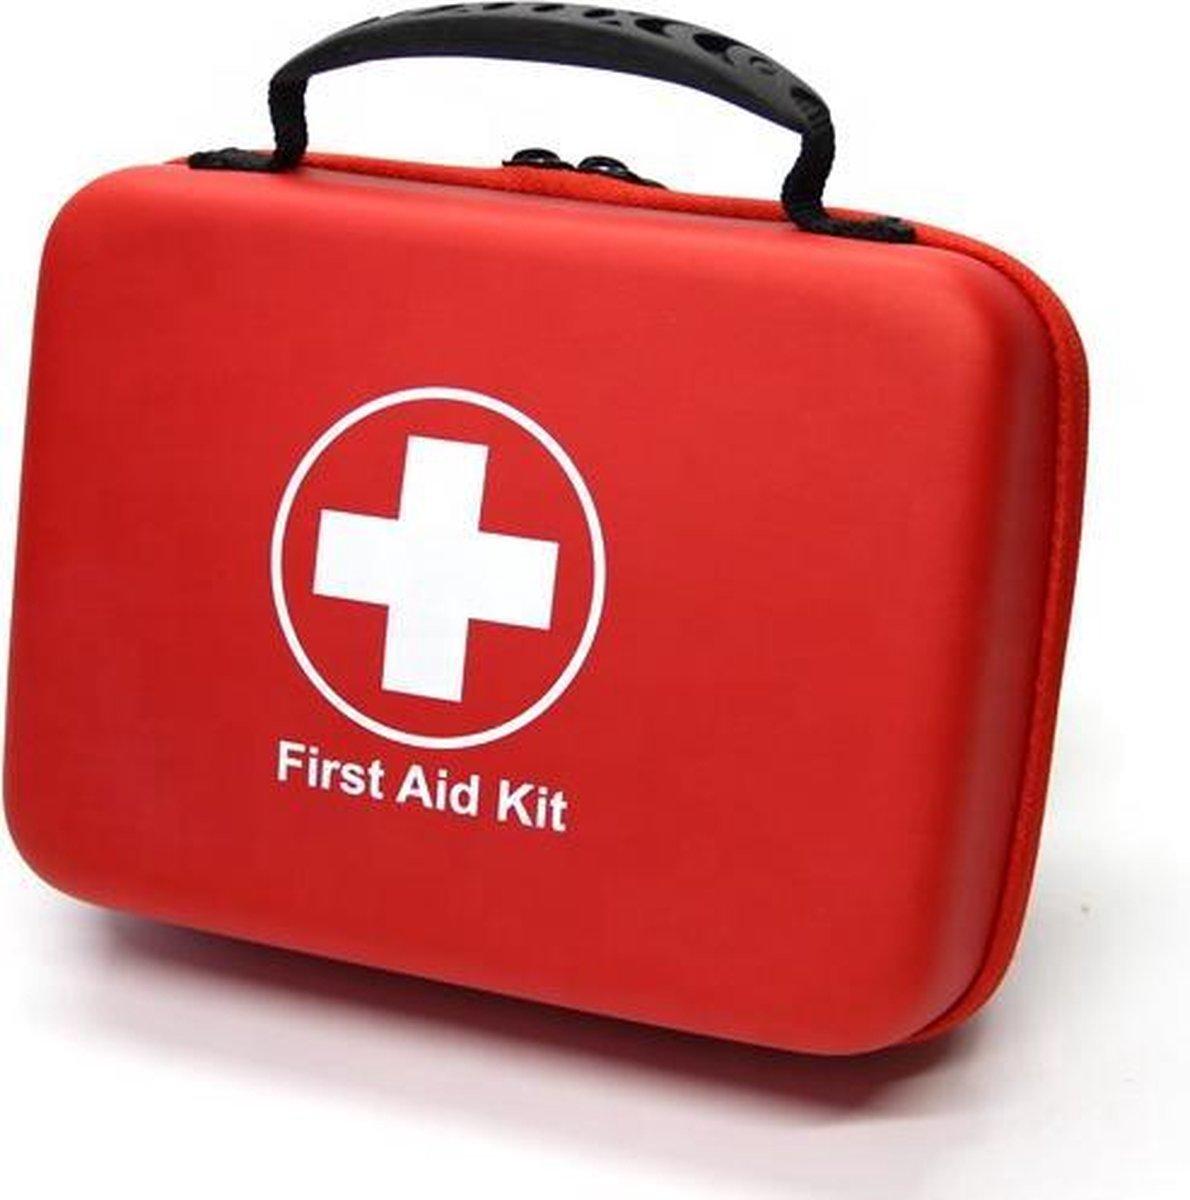 Tiede EHBO kit - First aid kit - Pleisters, Dekens & Verband in   n - Verbanddoos met 228 Items